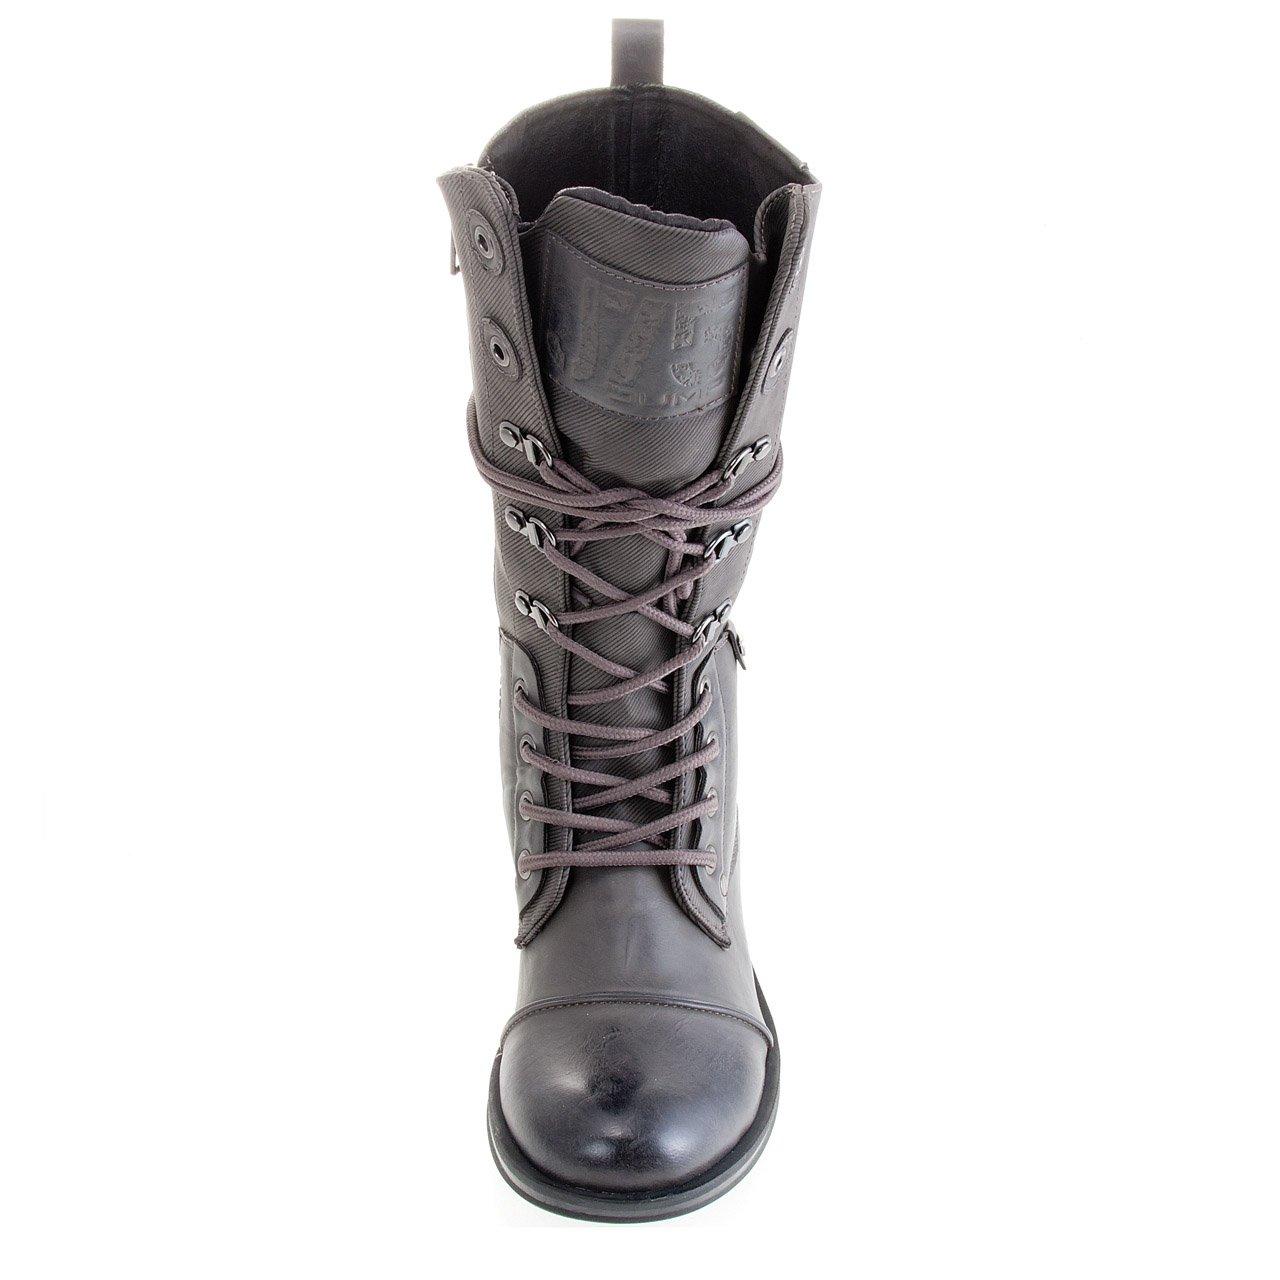 Jump J75 Women's Talon-W Boot, Coal, 6 Medium US by Jump